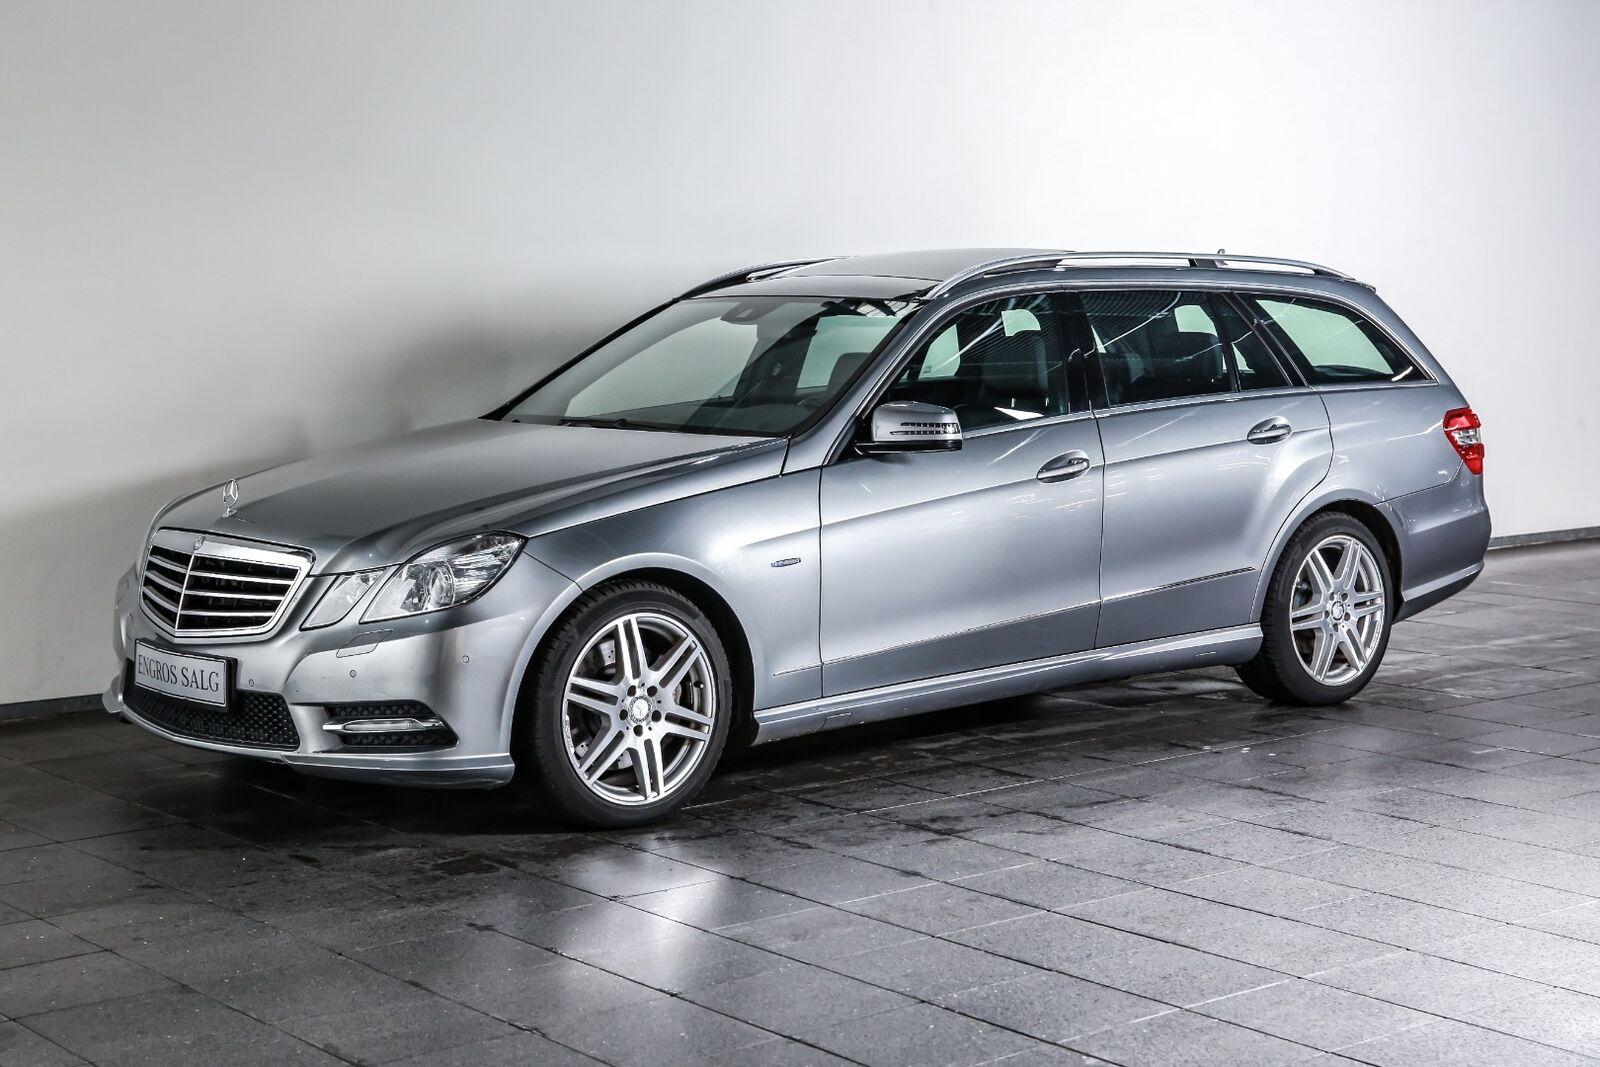 Mercedes-Benz E350 3,0 CDi Avantgarde stc aut 4-M BE